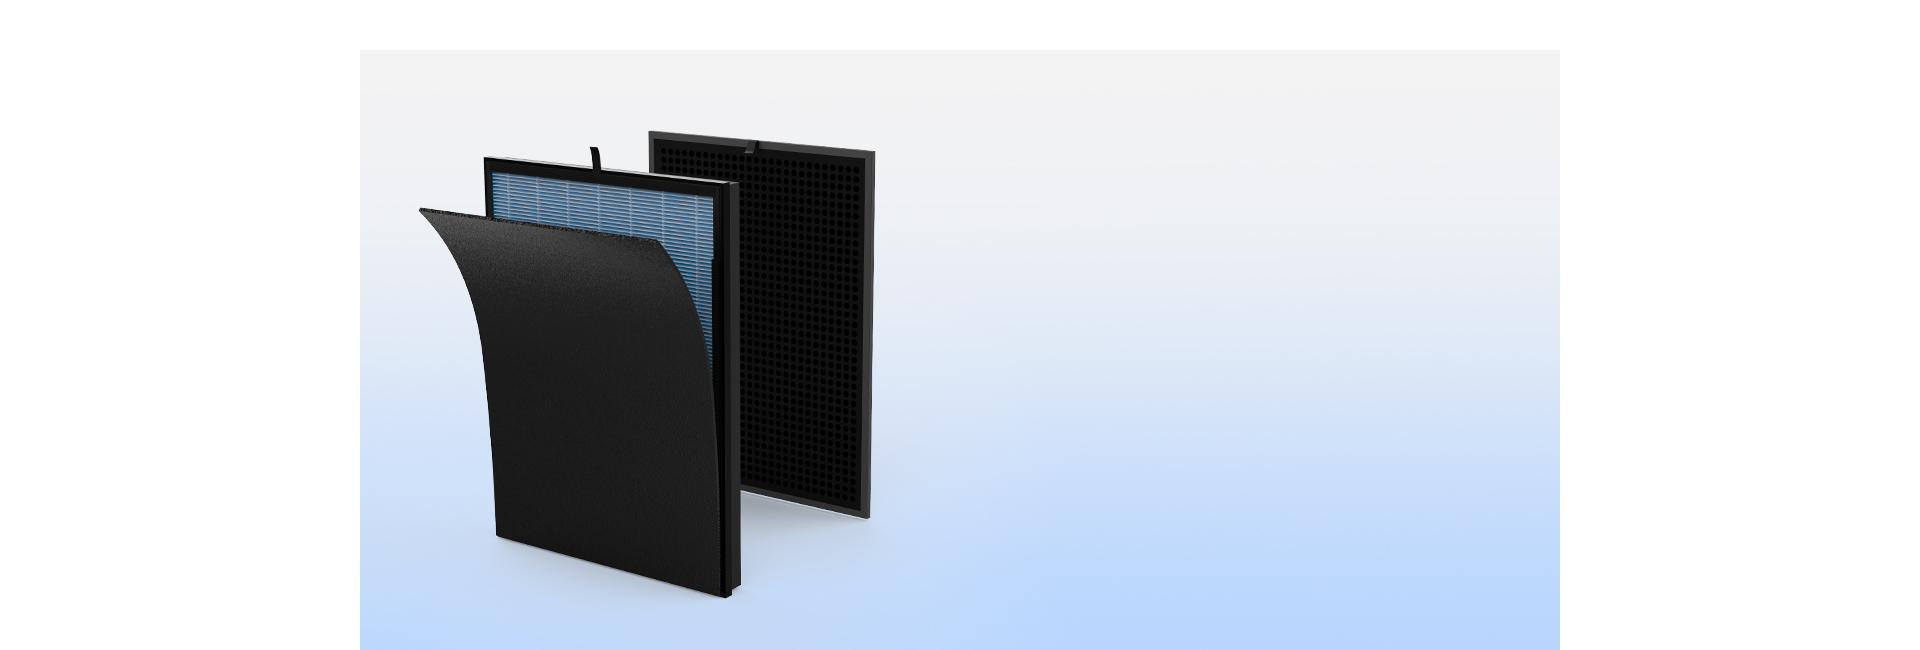 EZVIZ UV-C Air Purifier 5